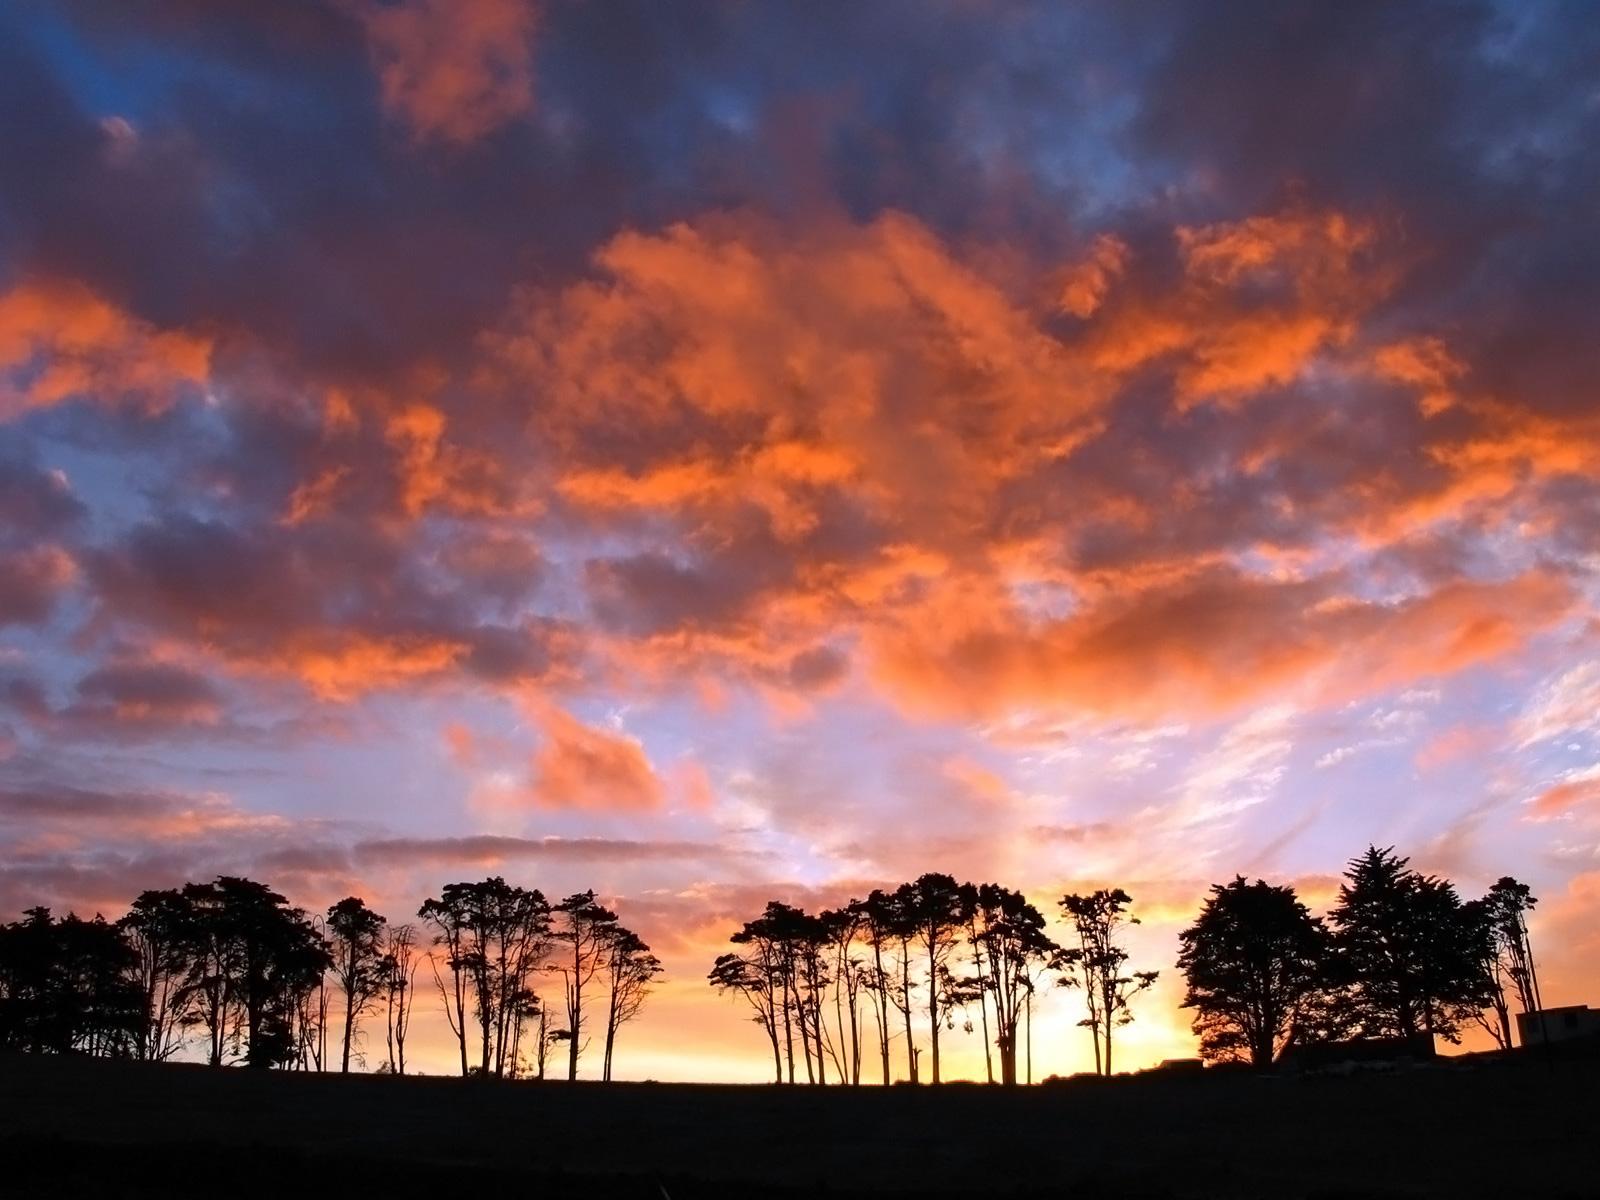 http://4.bp.blogspot.com/-vo8vd455HOQ/UKzLwRkYqiI/AAAAAAAACHI/dG-kQFYmrWw/s1600/desktop+wallpaper+nature+sky.jpg